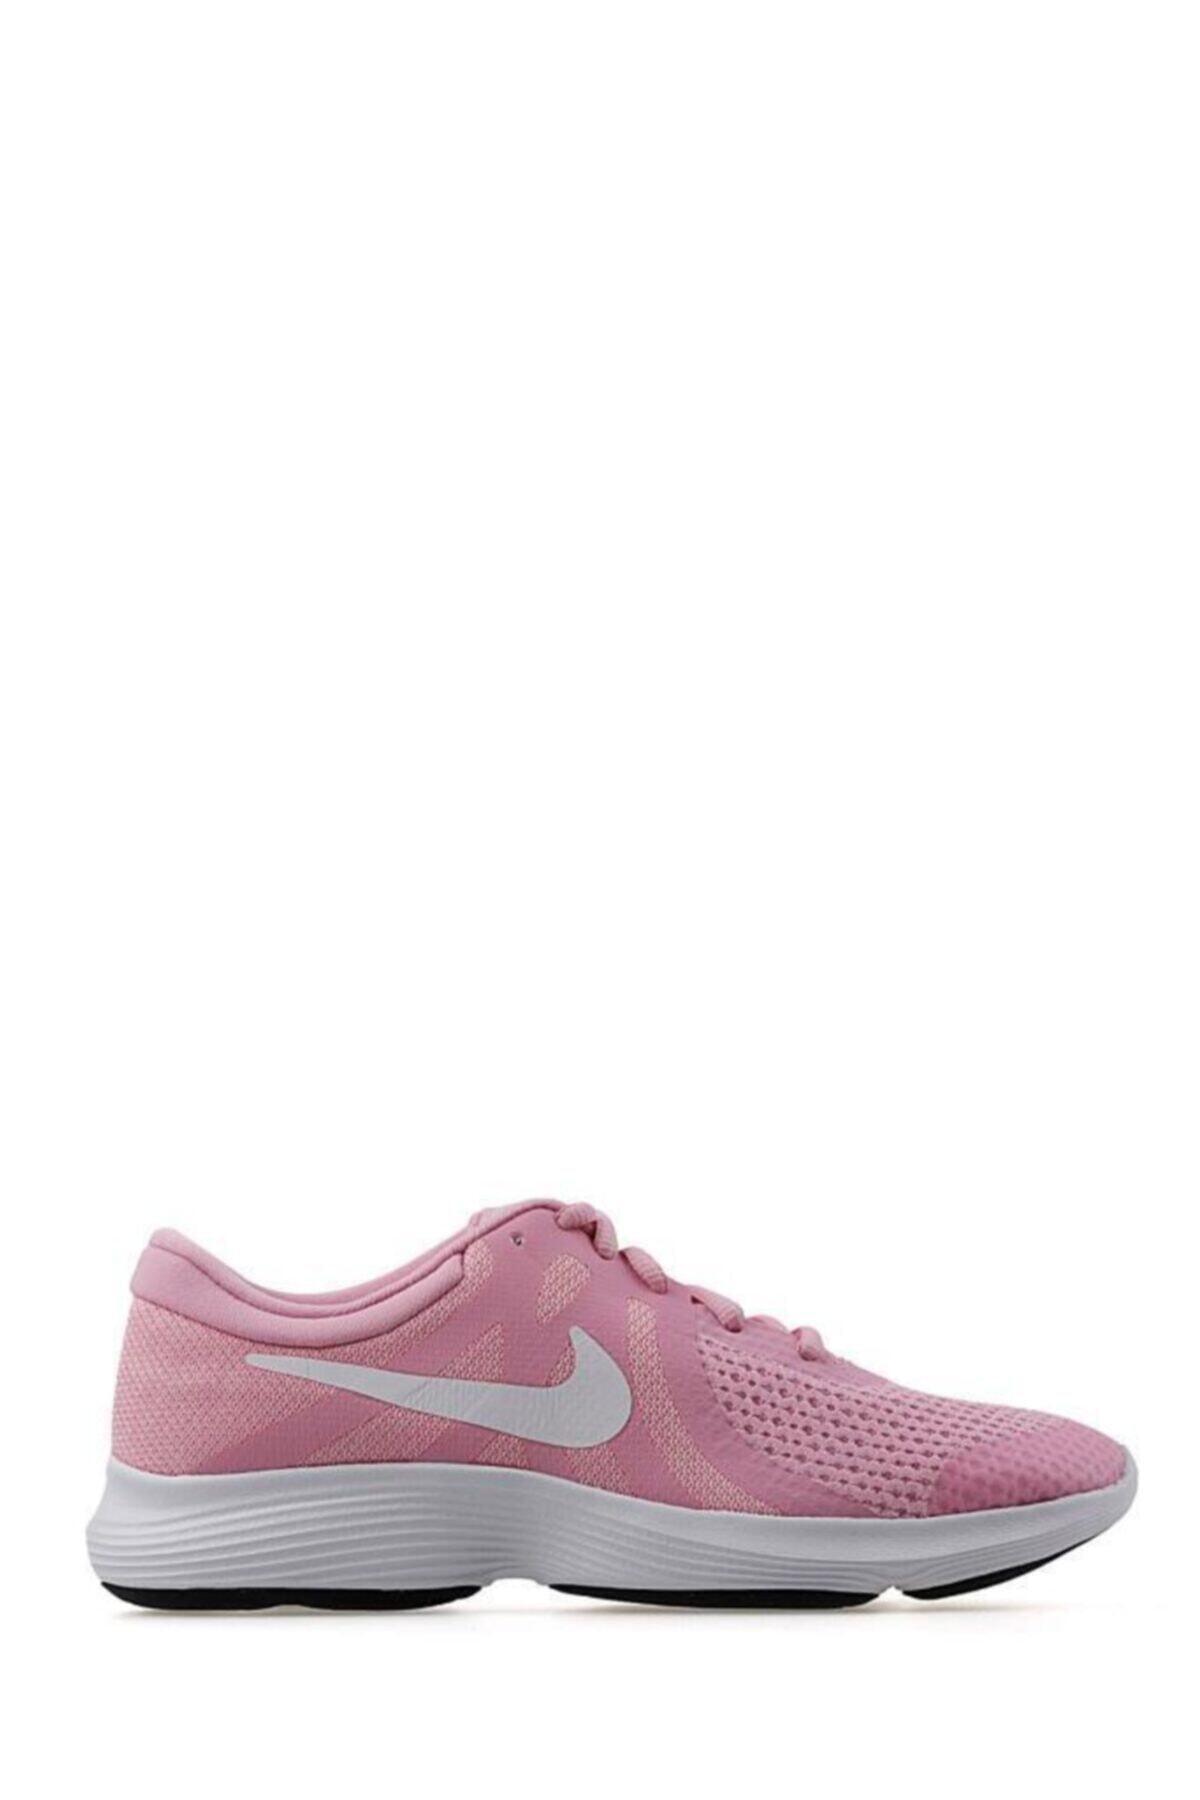 Nike Revolution 4 943306-603 Bayan Spor Ayakkabı 1